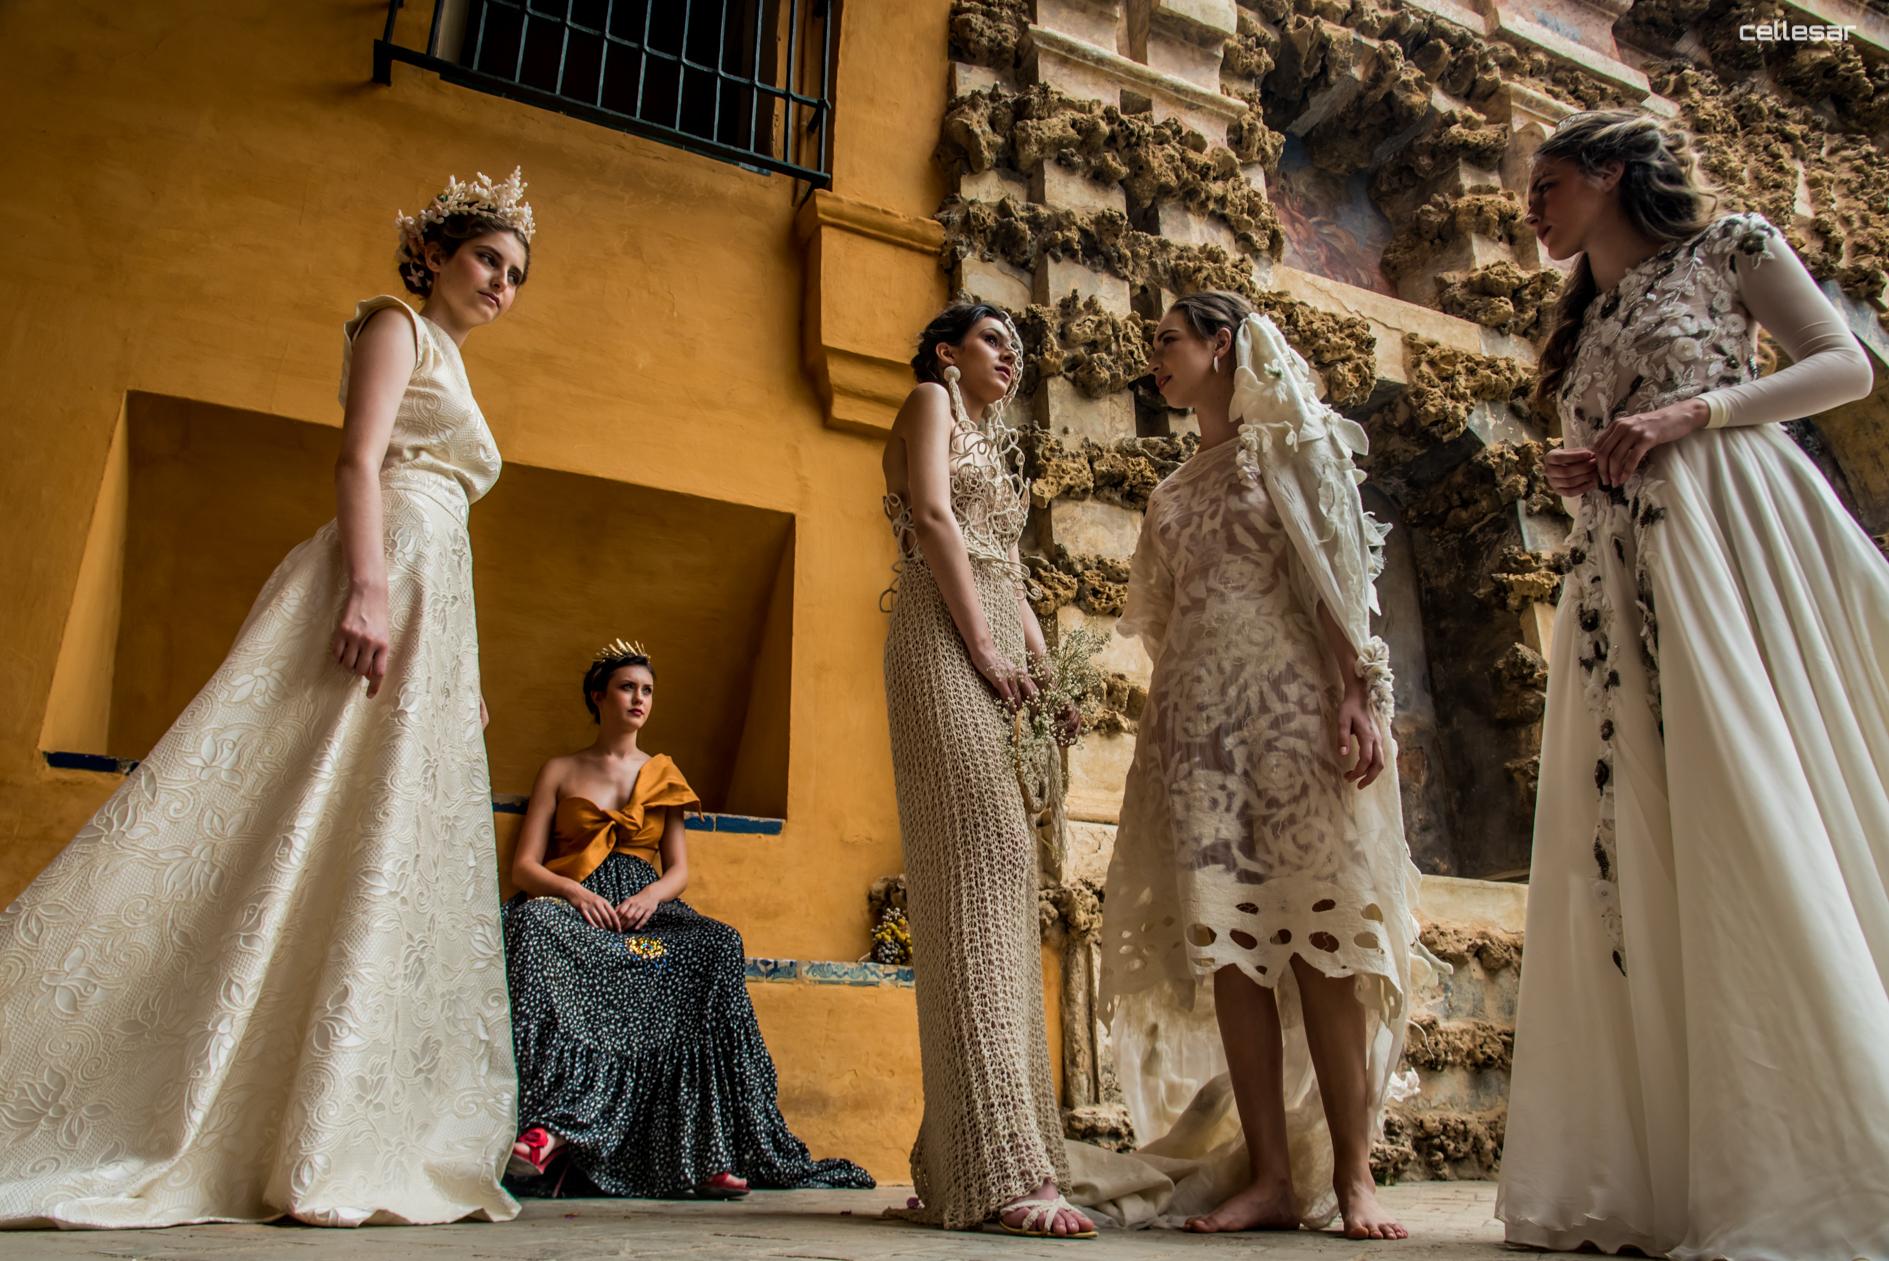 Foto: Cellesar. Diseños: Benjamín Bulnes, Antonio Gutiérrez, Hilando El Tiempo, María Ávila y La Casa Sentida